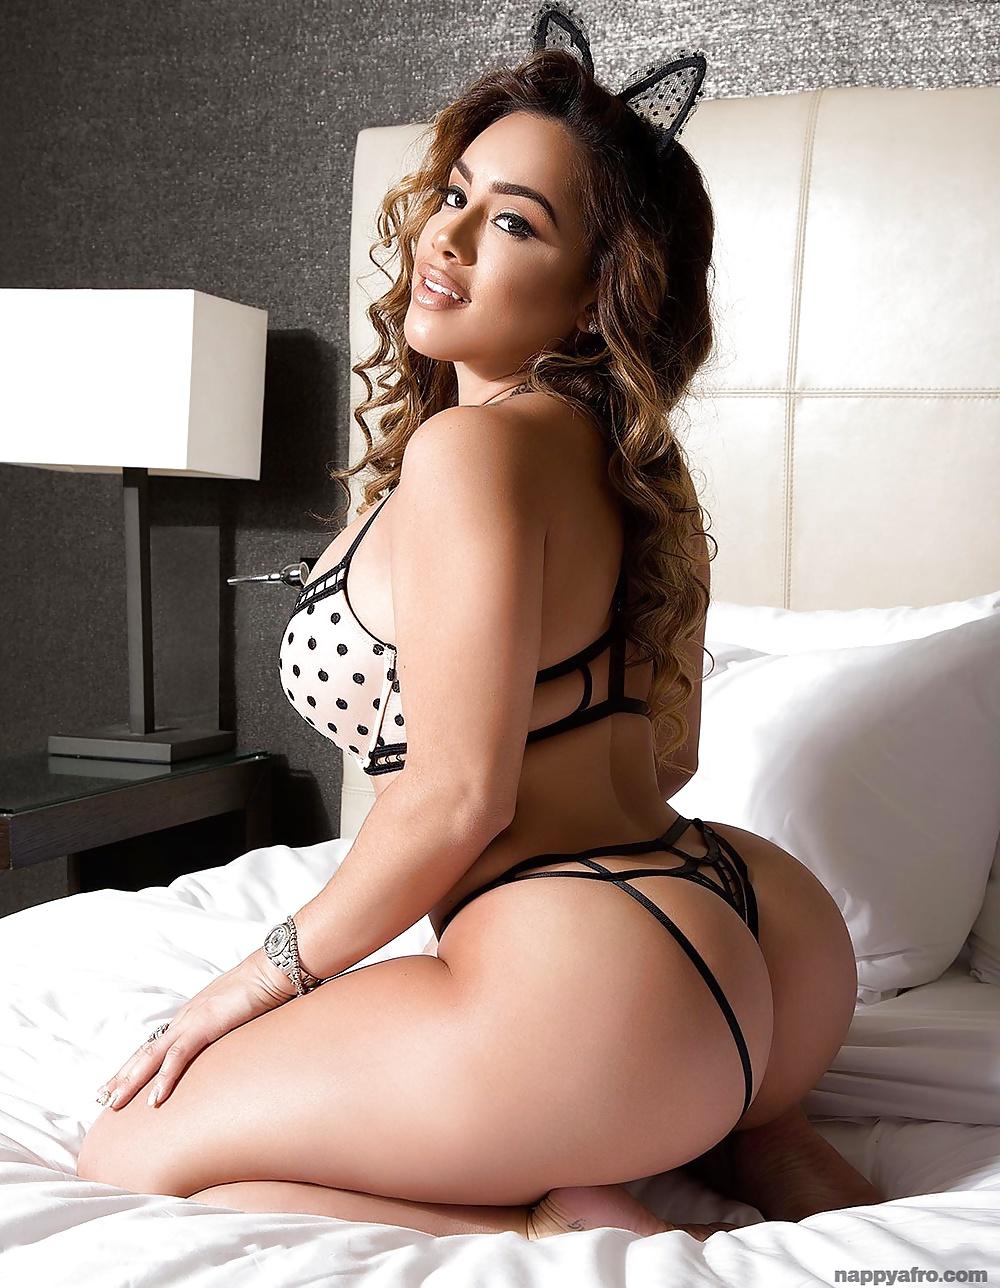 Big Beautiful Women Porn Stars